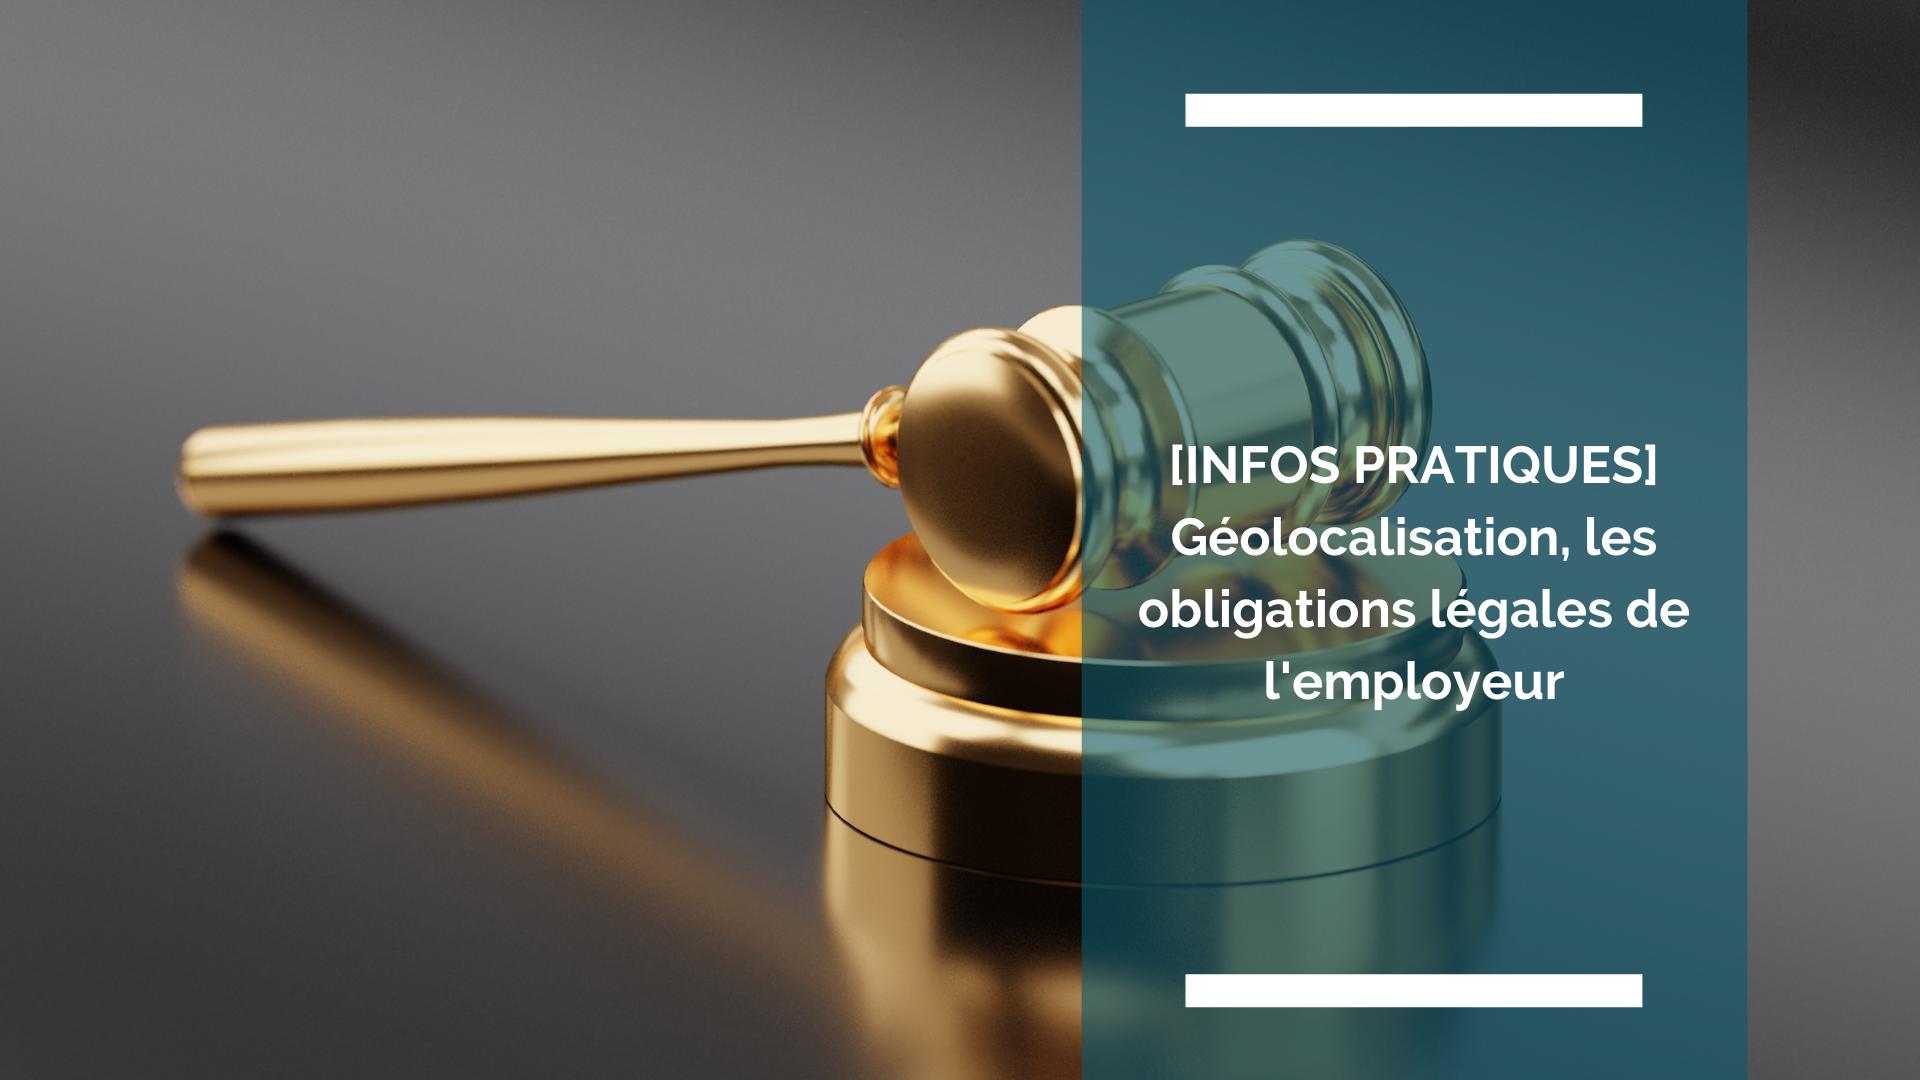 [Géolocalisation] Les obligations légales des employeurs